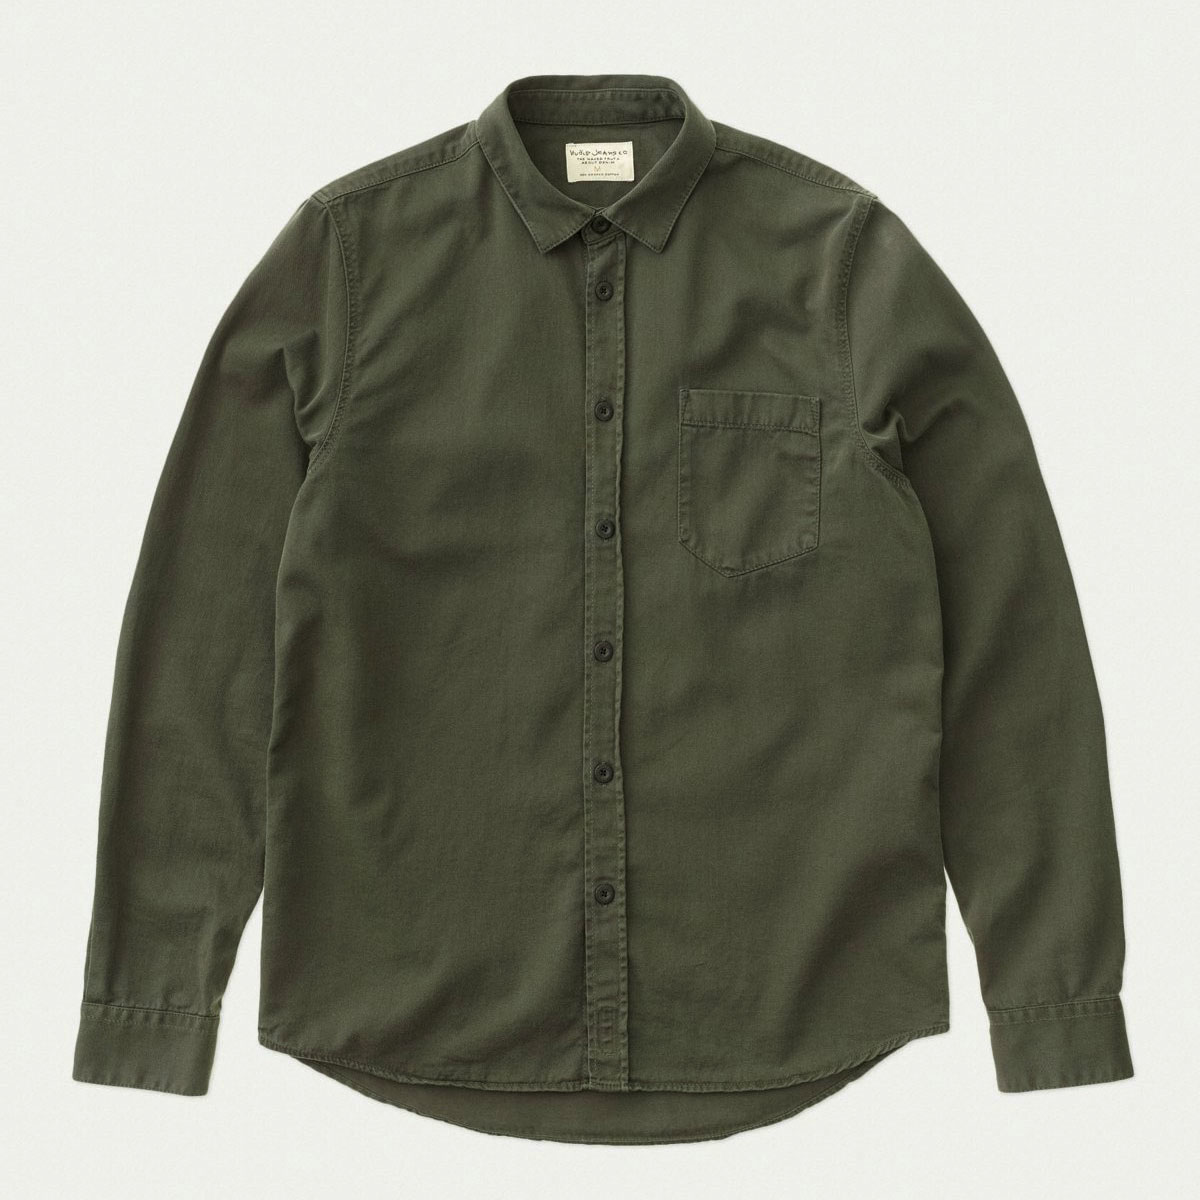 ヌーディージーンズ シャツ メンズ 正規販売店 Nudie Jeans 長袖シャツ ワークシャツ  HENRY PIGMENT DYED SHIRT BUNKER B86 140501 A62B B1C C1D D6E E08F